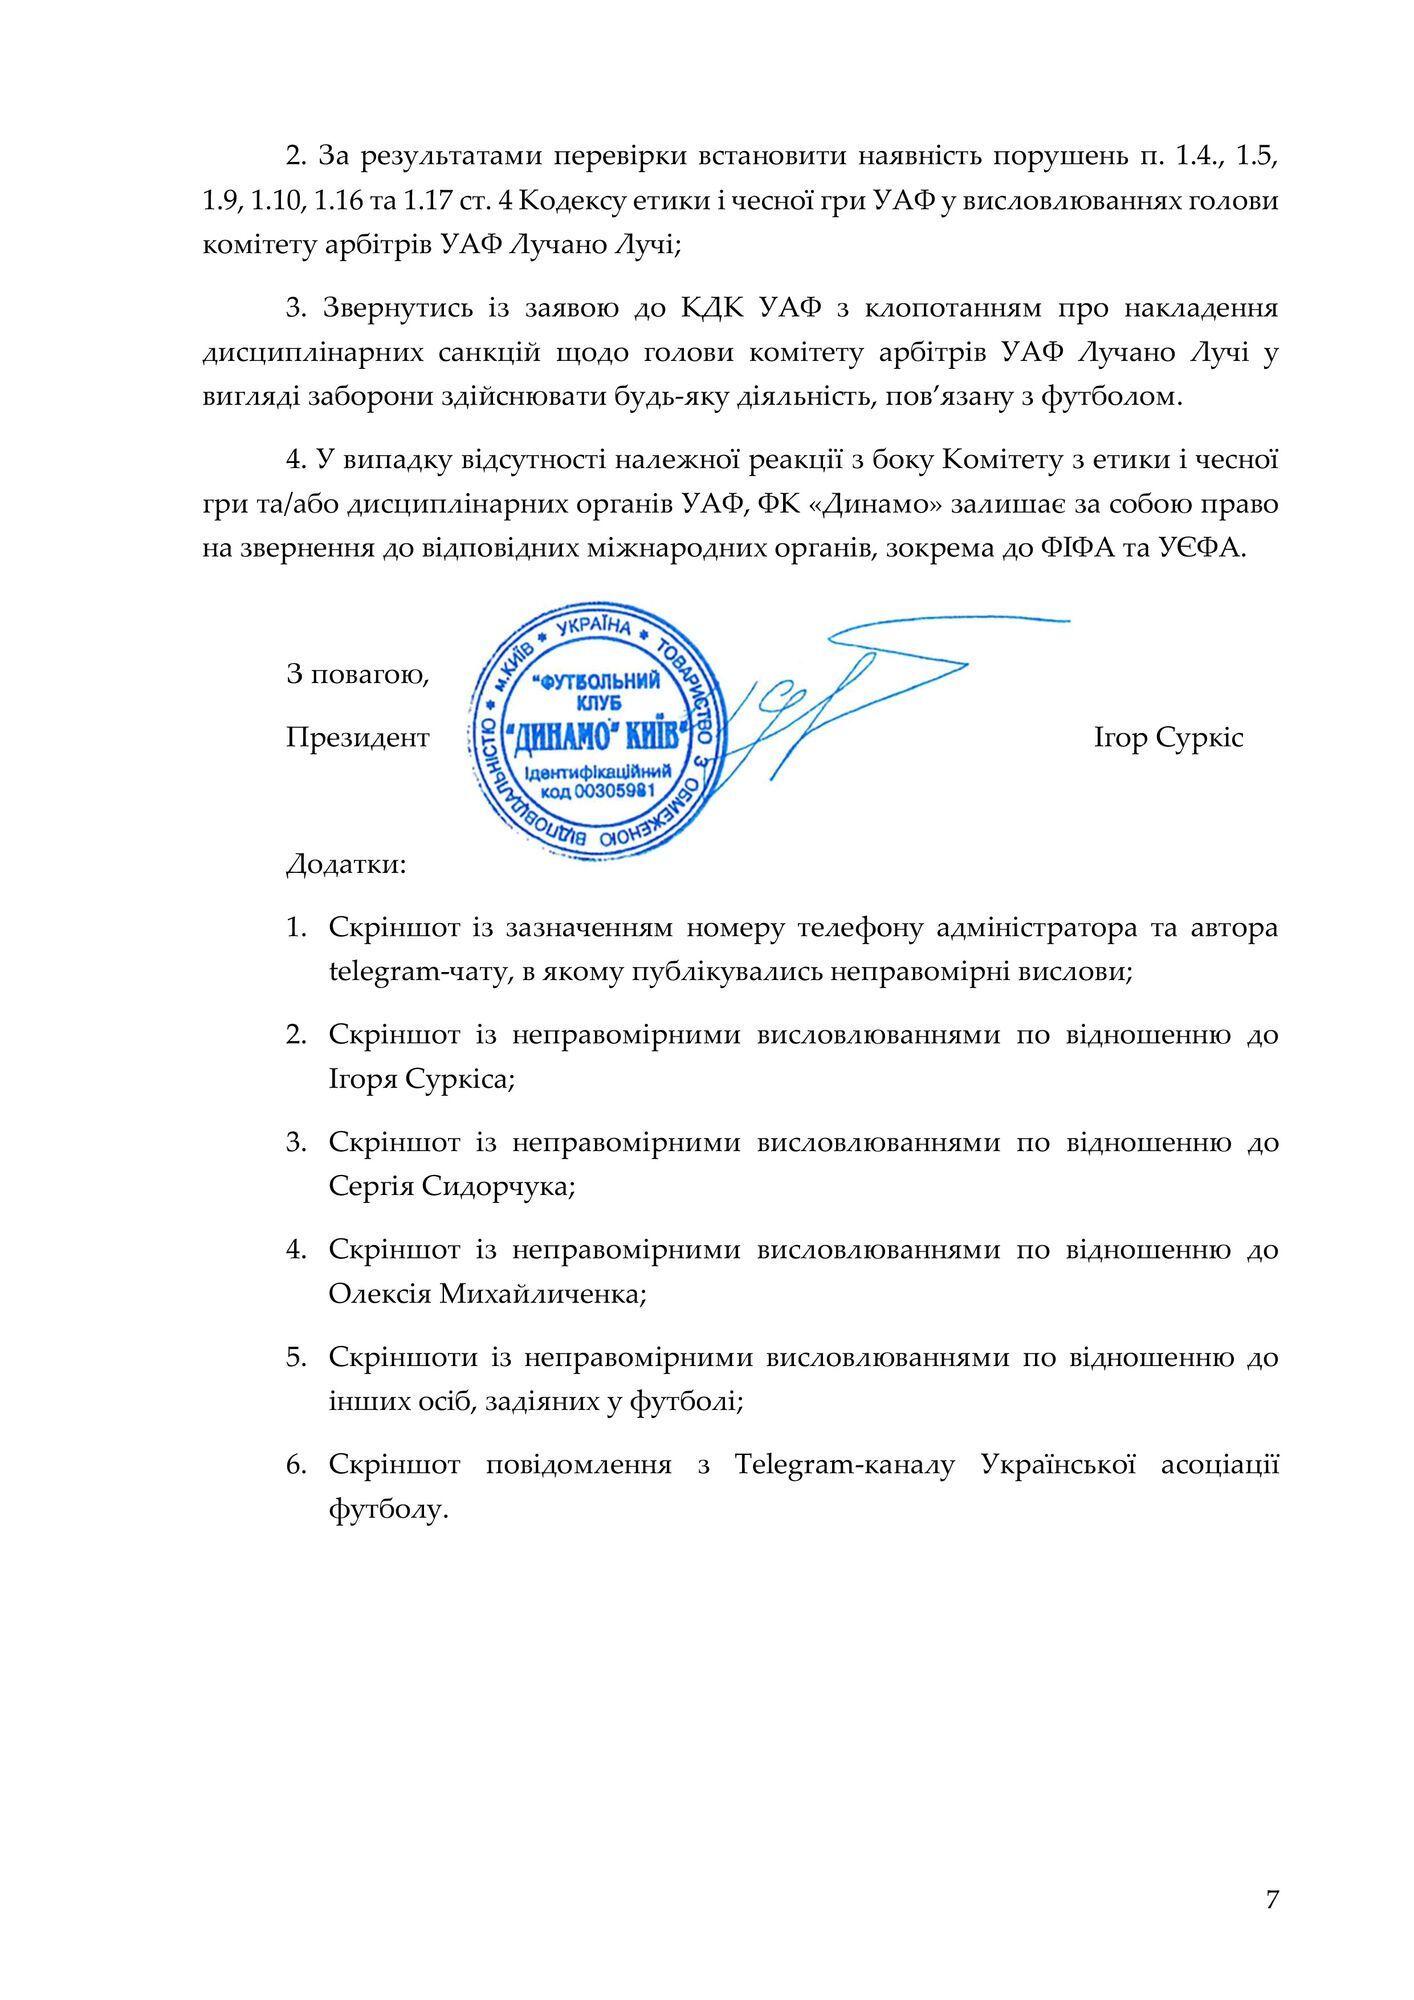 """Официальное заявление """"Динамо"""", страница 7"""